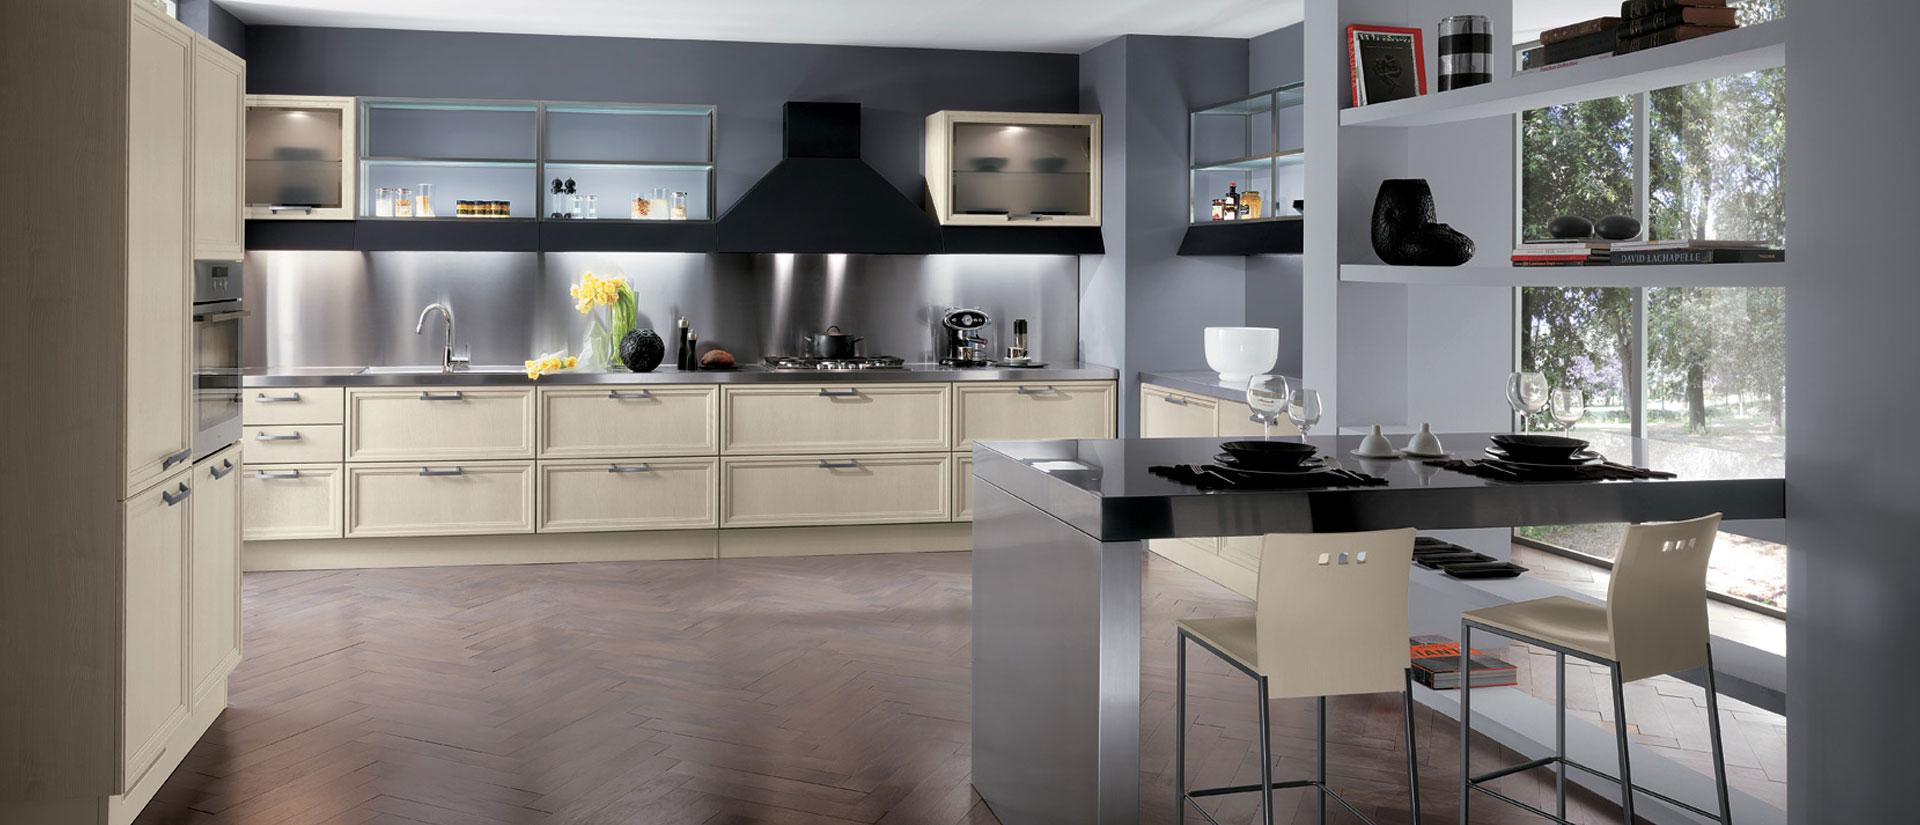 Cucine Componibili Campania.Cucina Scavolini Focus Tra I Progetti Piu Pratici E